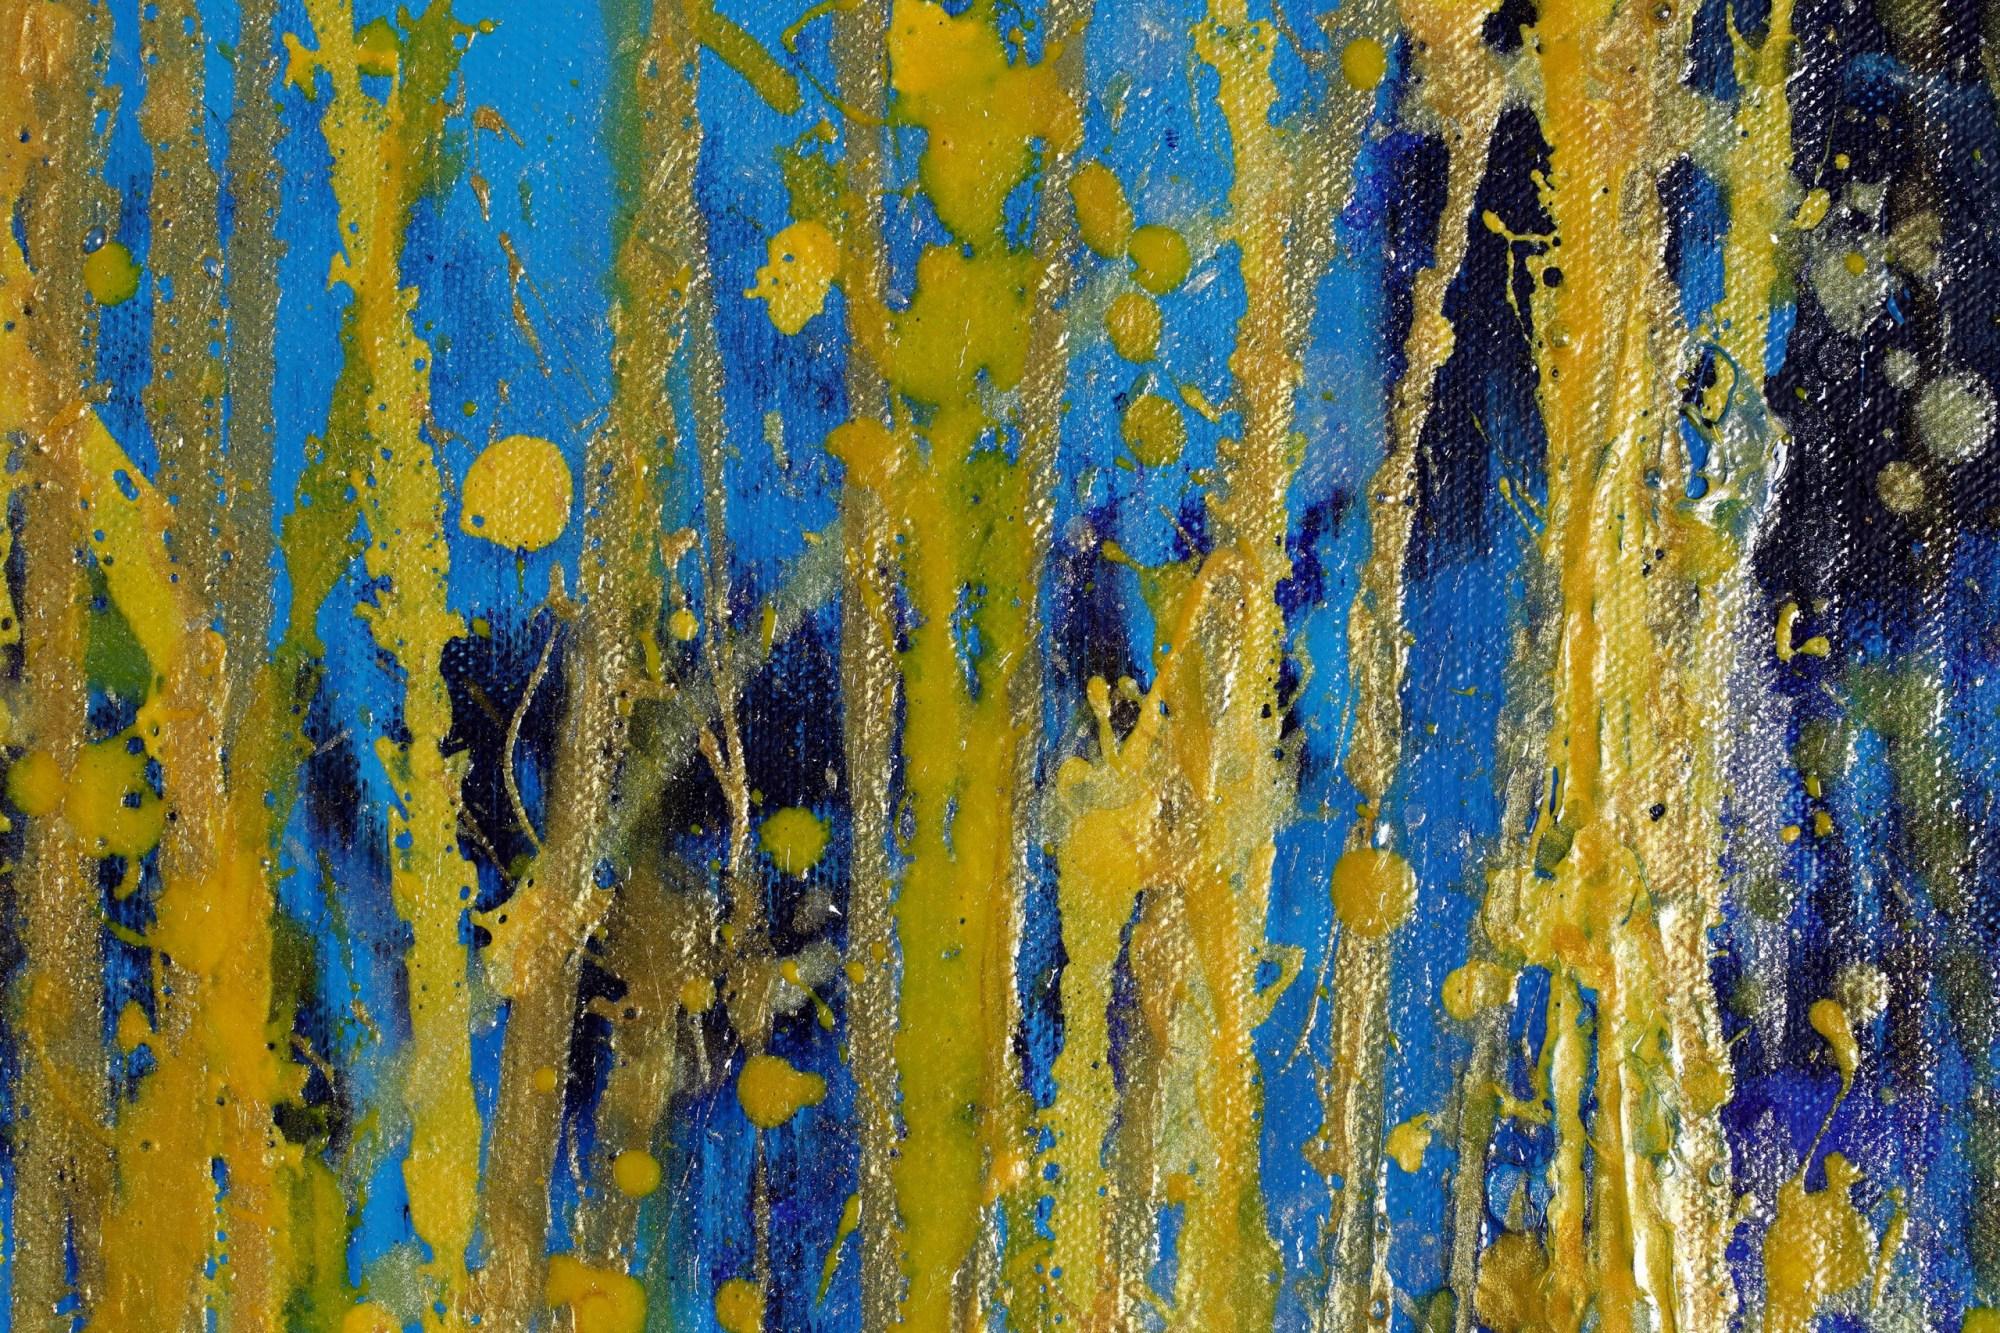 DETAIL / Thunder Silhouettes (Golden Spectra) 3 (2021) / ARTIST: Nestor Toro